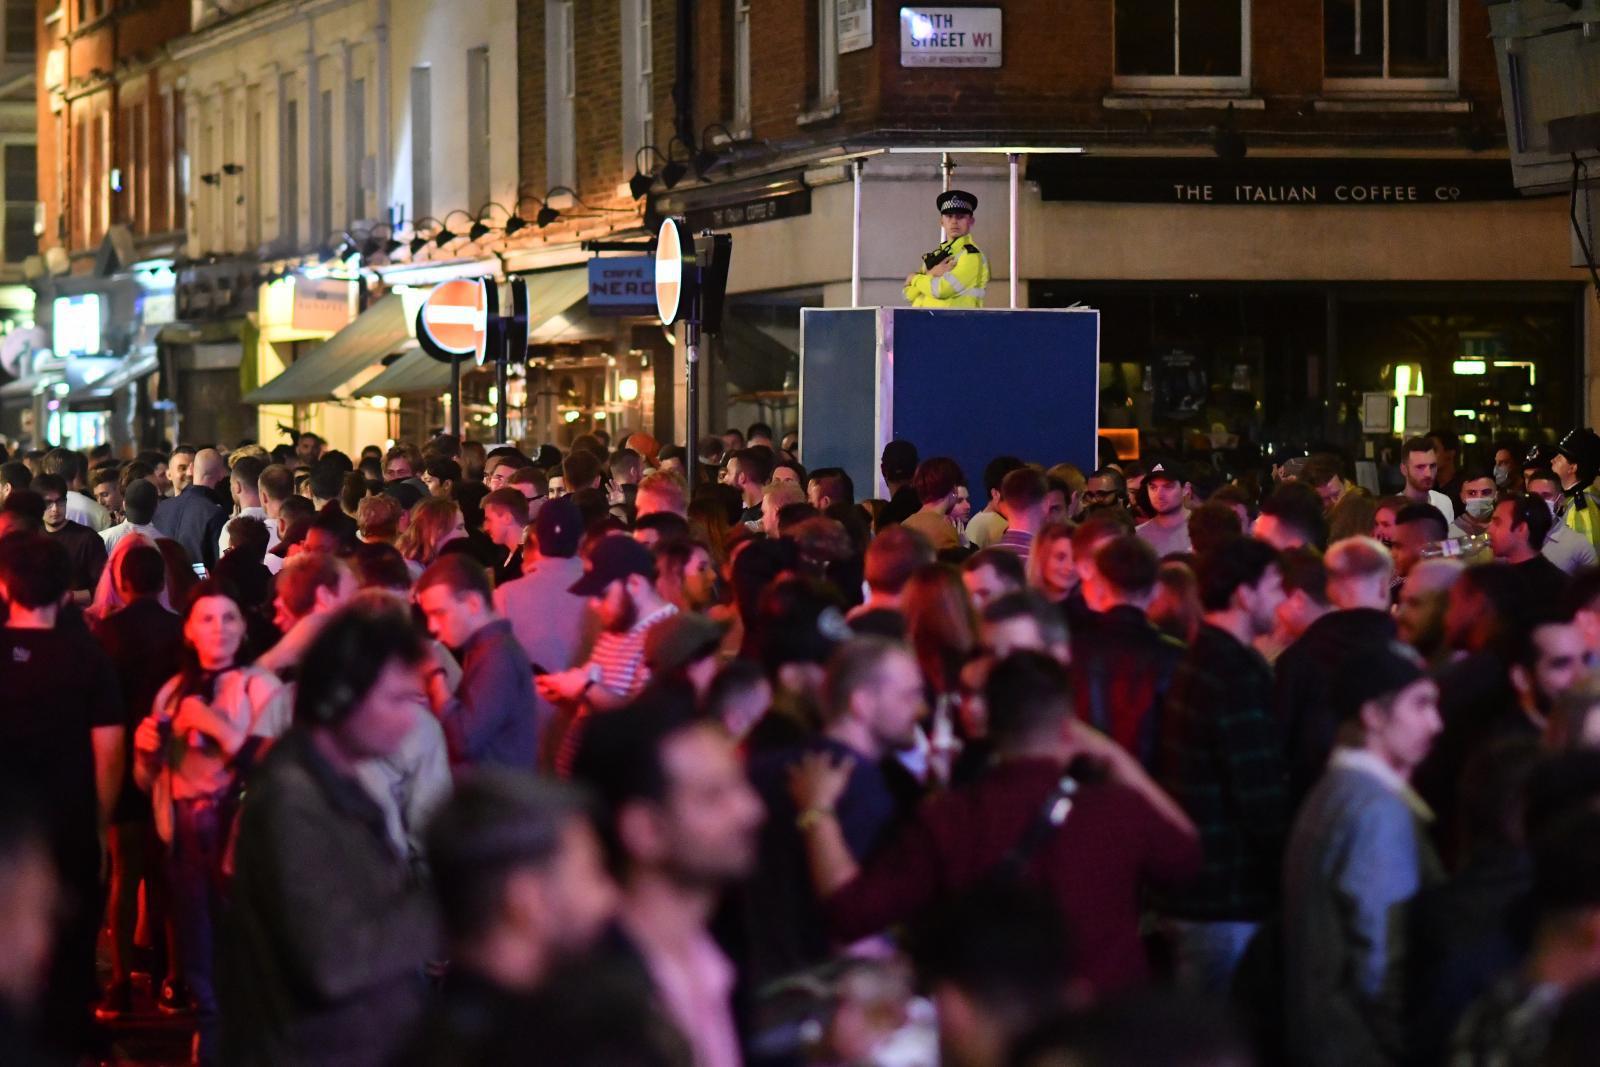 """ตำรวจอังกฤษเผย """"คนเมา"""" ไม่สามารถเว้นระยะห่างทางสังคมป้องกันโควิด-19 ได้"""